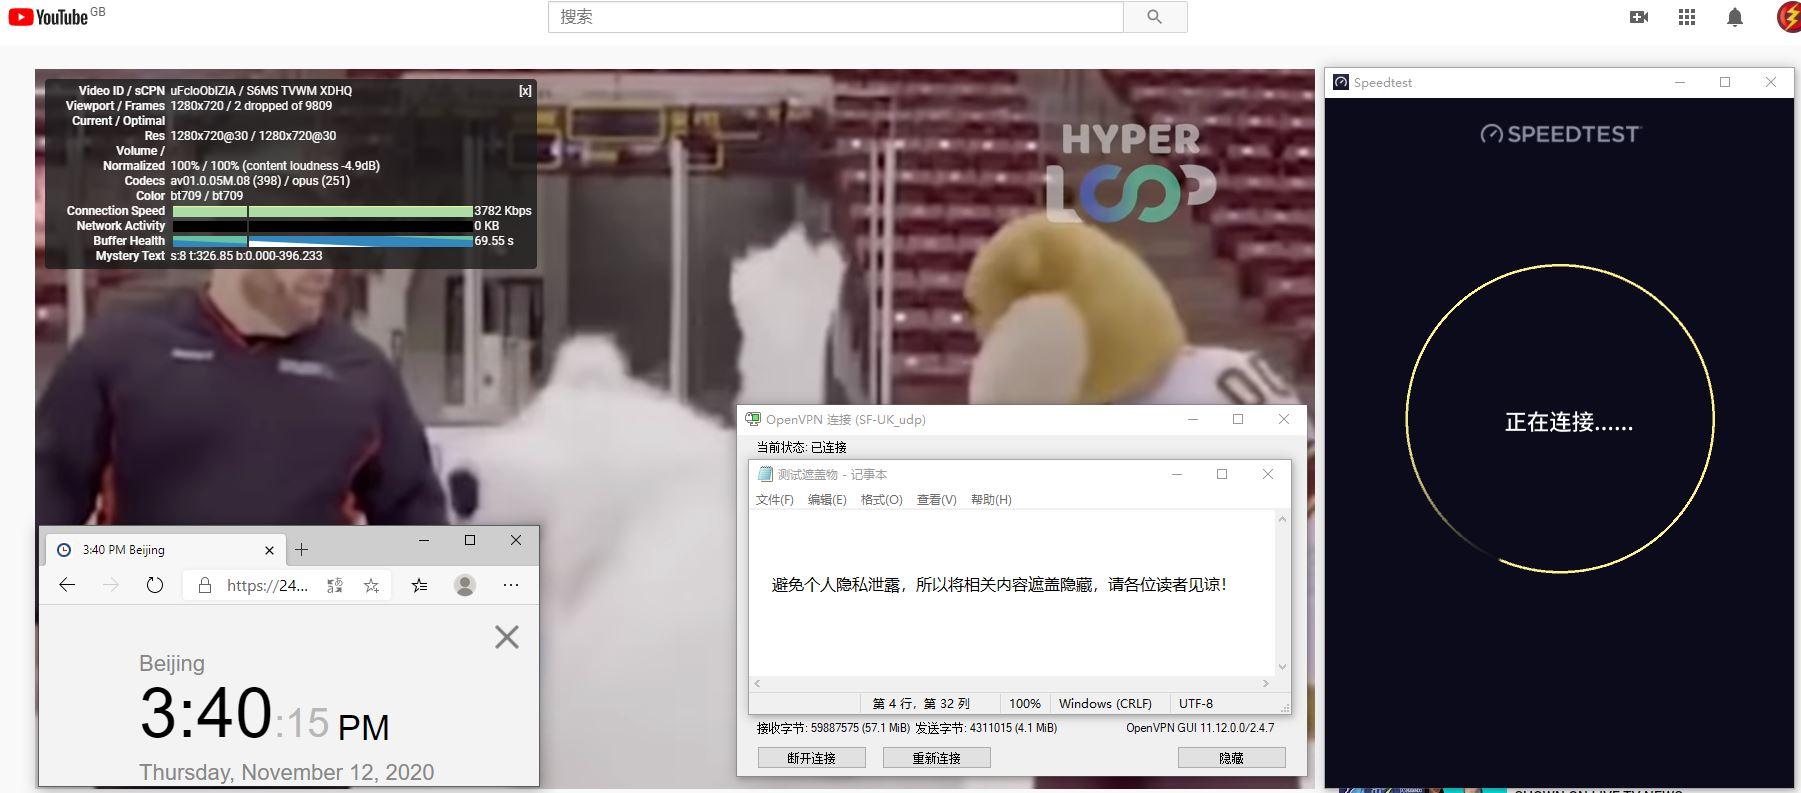 Windows10 SurfsharkVPN OpenVPN Gui UK 服务器 中国VPN 翻墙 科学上网 测试 - 20201112